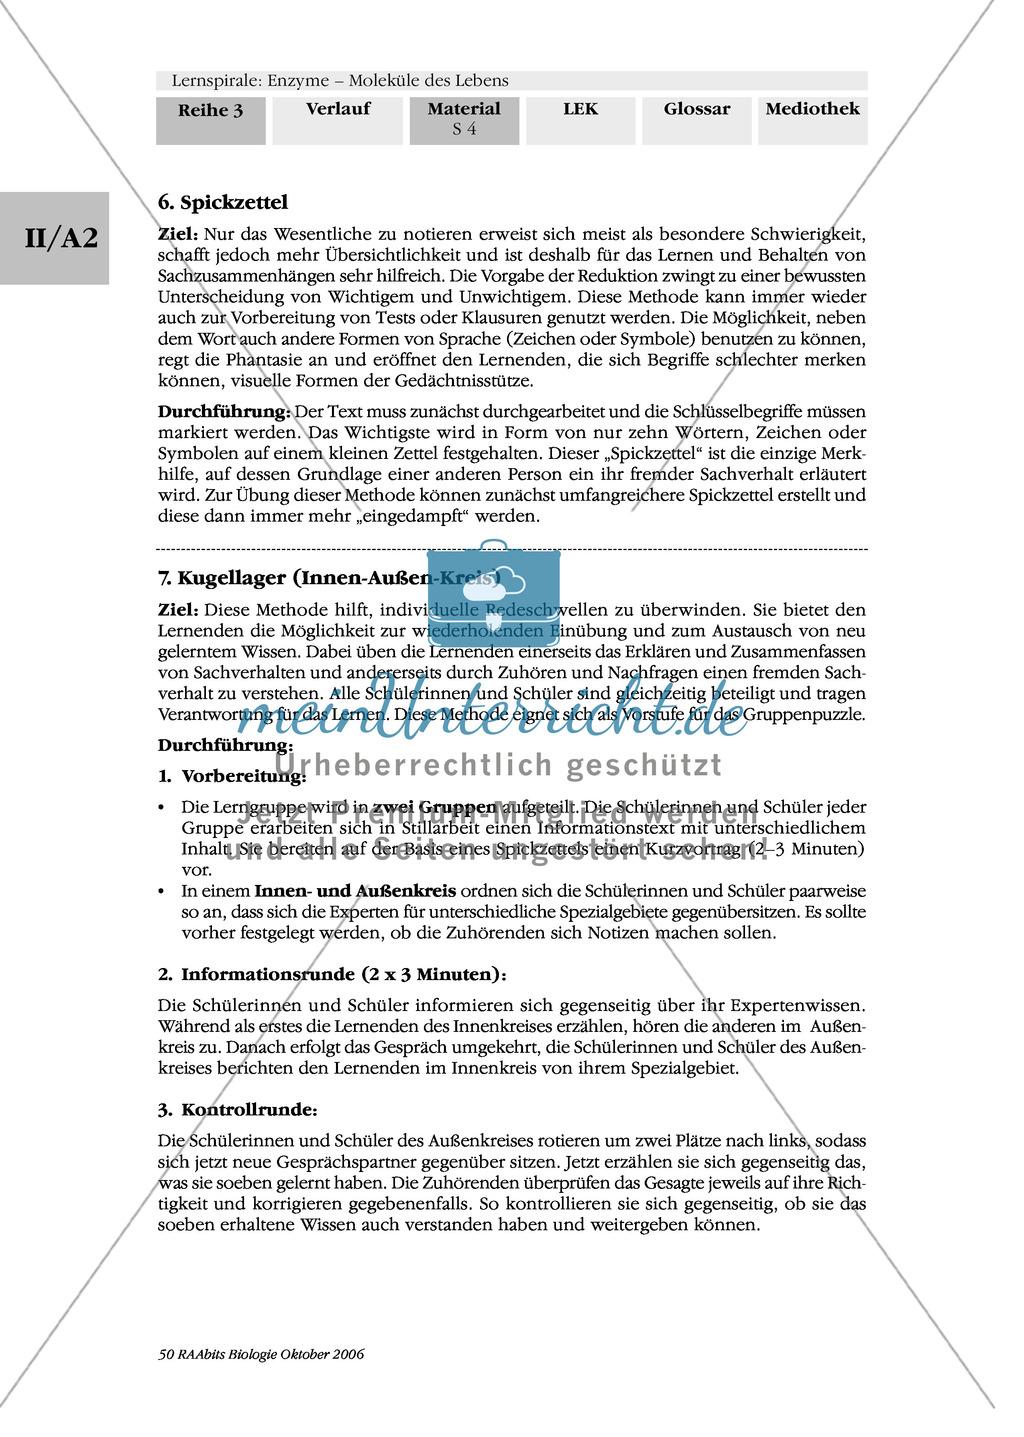 Cofaktoren für enzymatische Reaktionen: Exzerpierendes Lesen, Spickzettel, Kugellager Preview 1